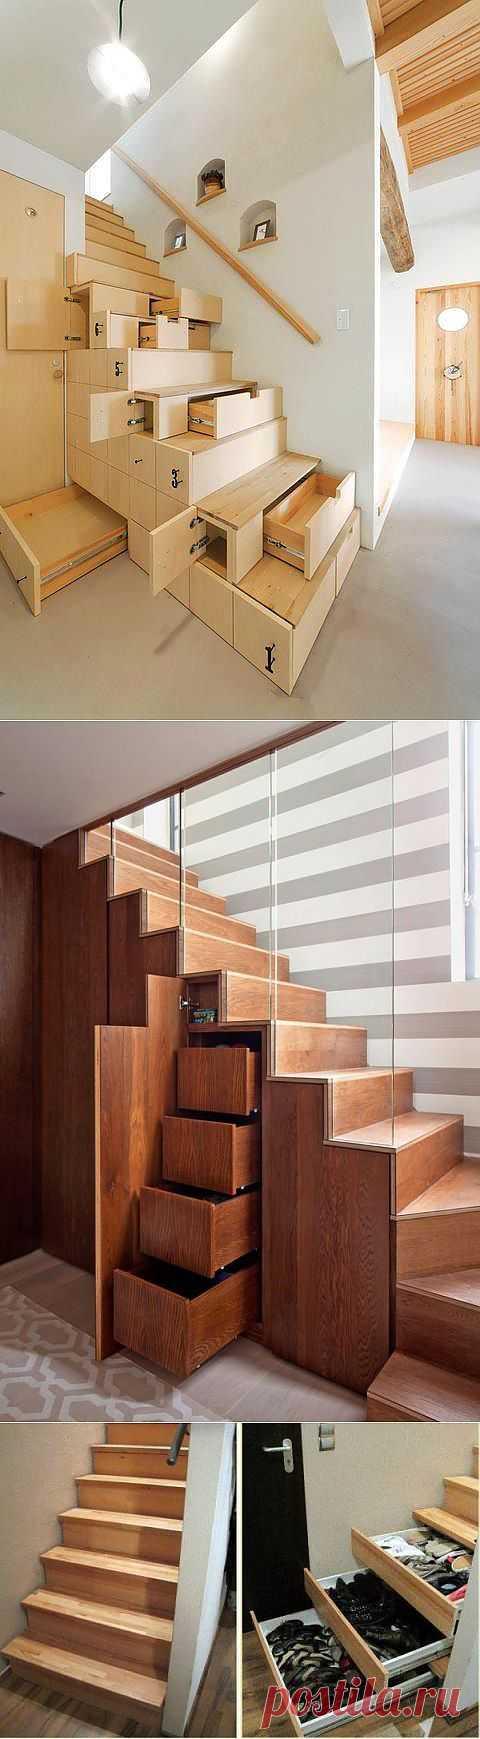 А как еще можно использовать лестницу для дополнительного пространства? Лестничный марш - место под хранилище.